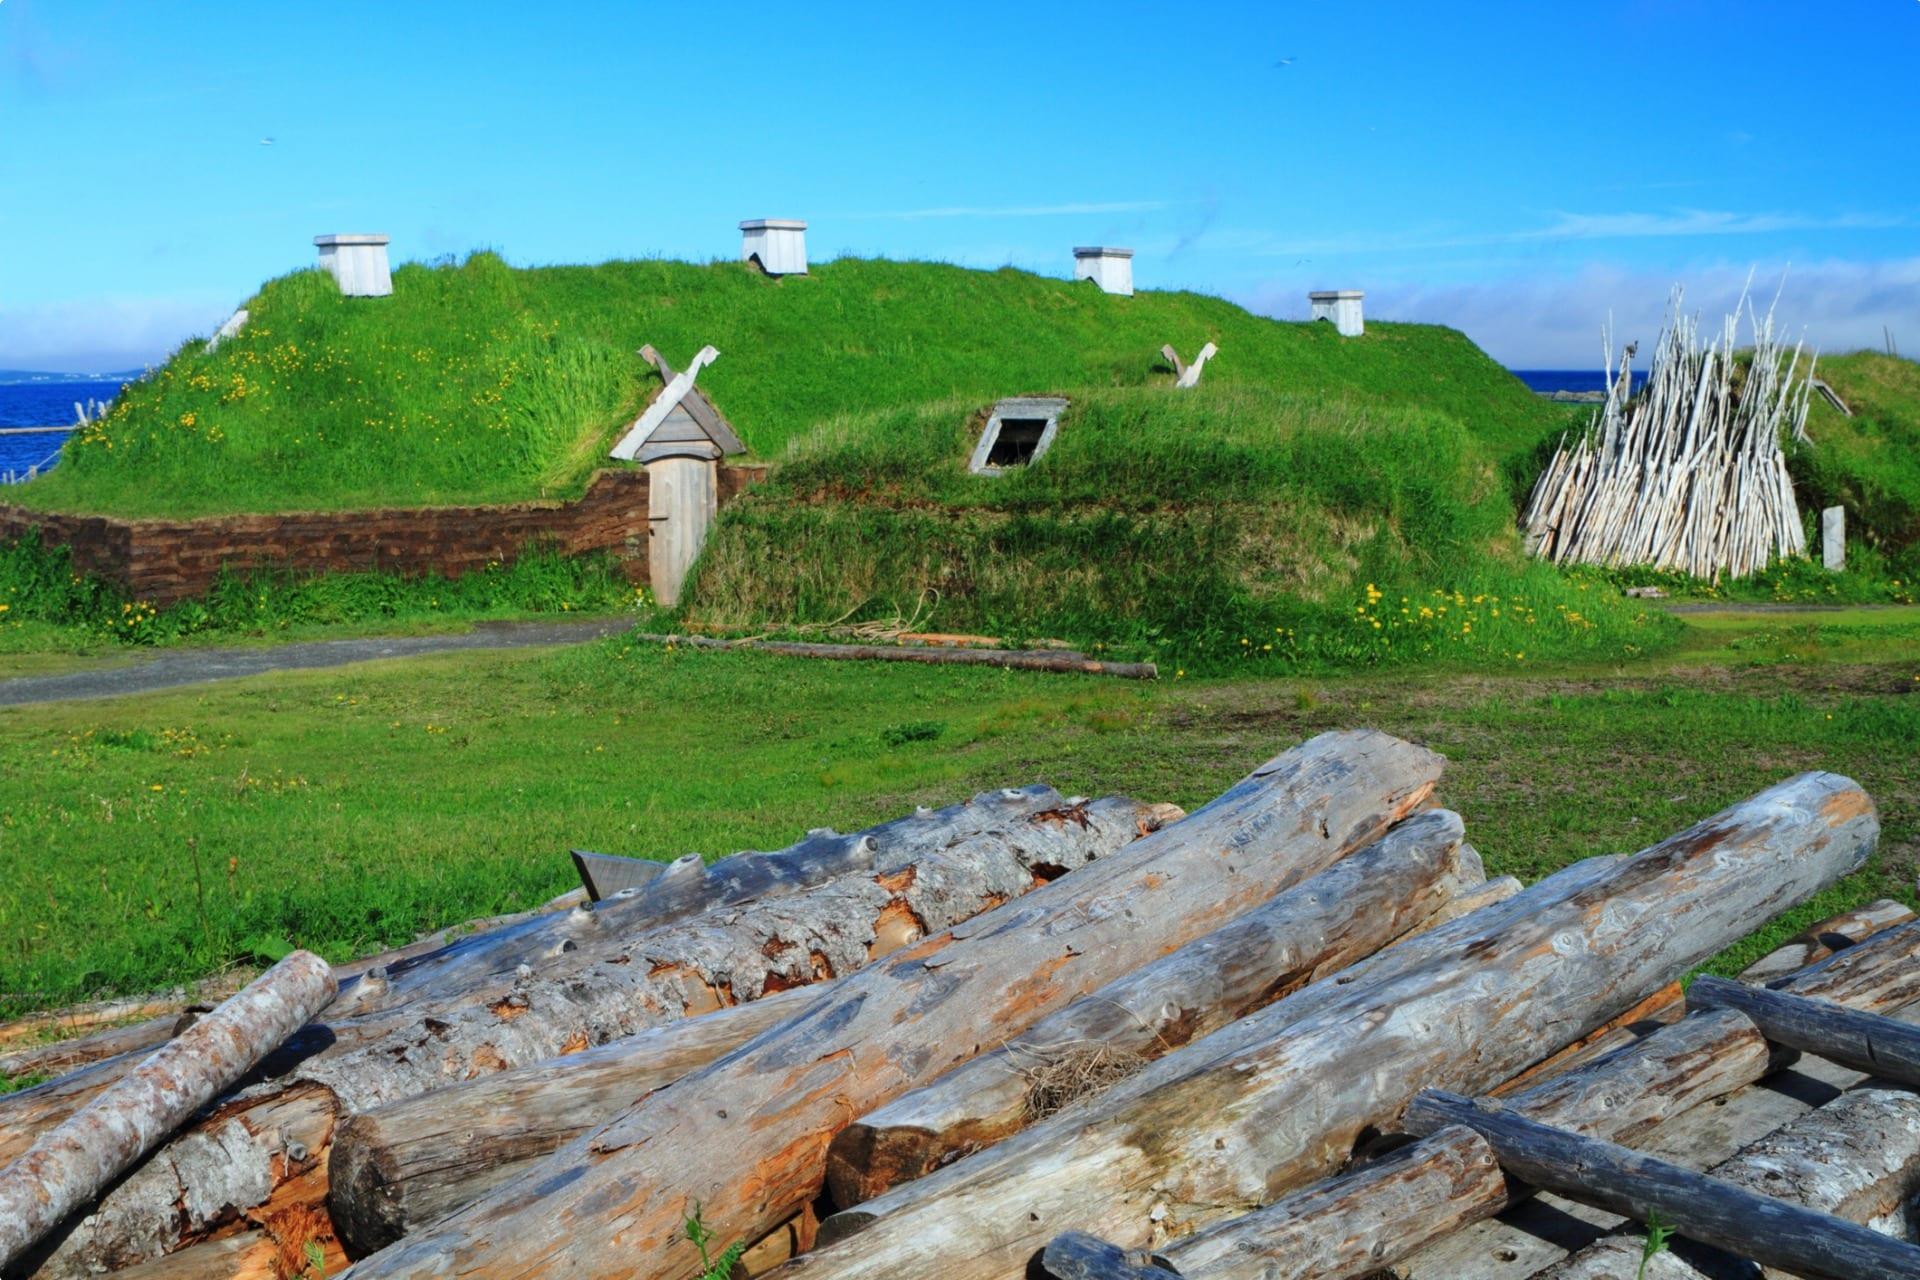 L'Anse Aux meadows Canada- Viking settlement